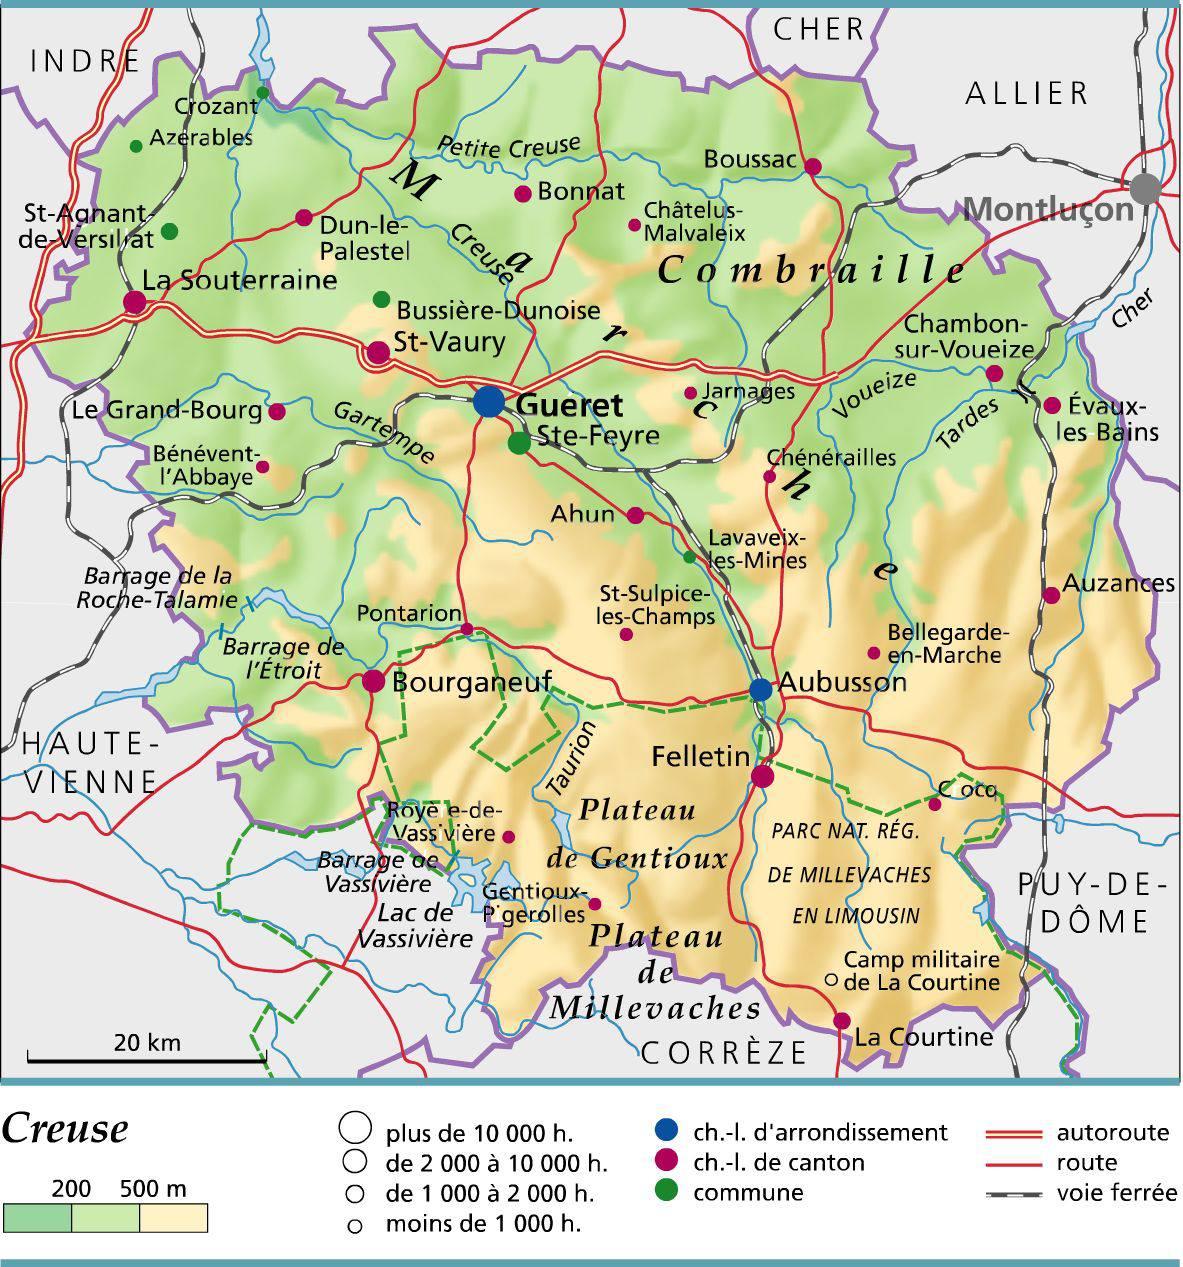 Carte de la Creuse